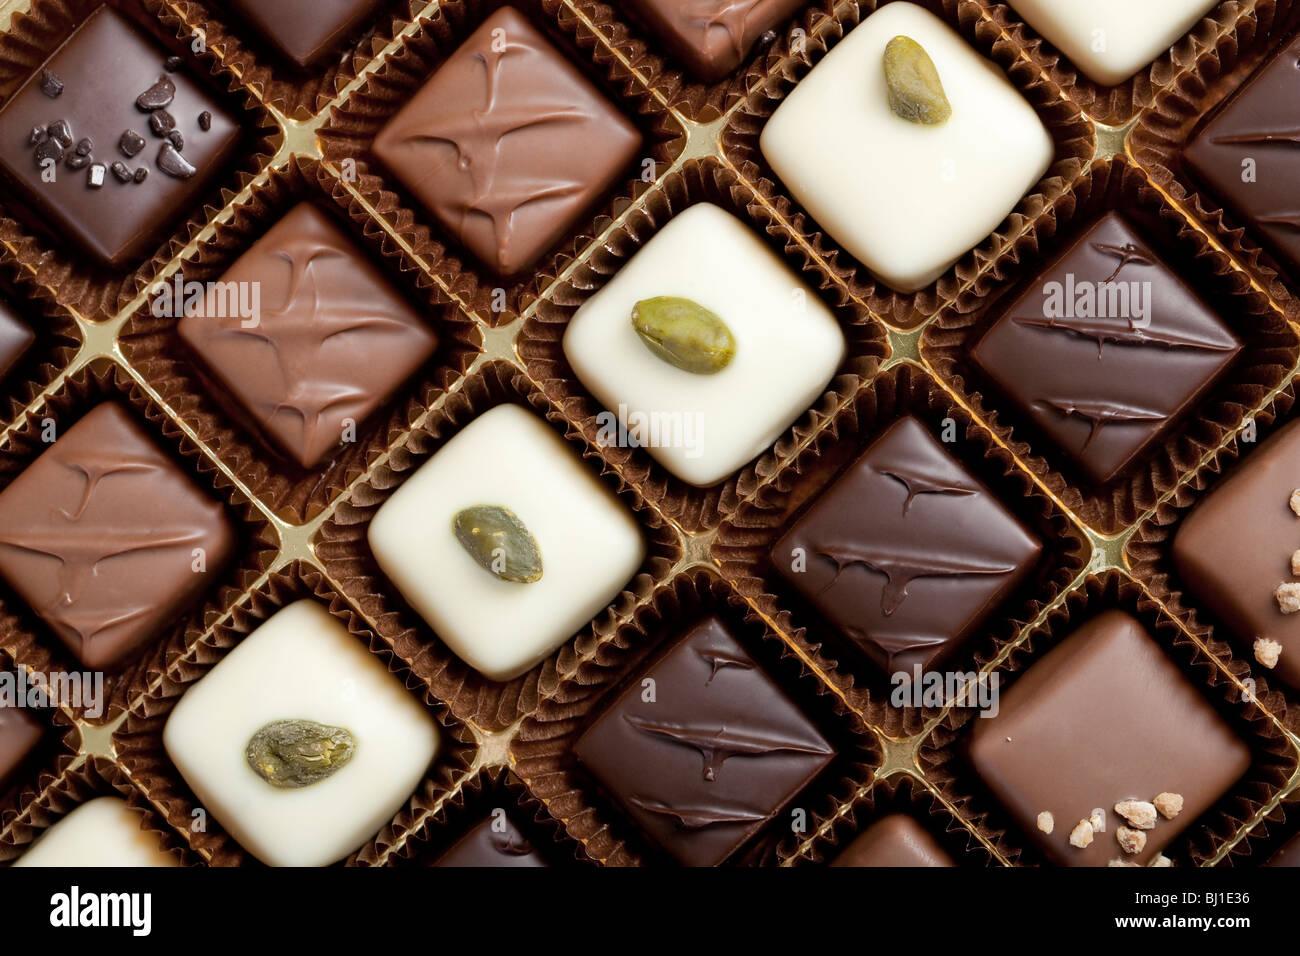 De luxe faits à la main dans une boîte de chocolat - tourné en studio Photo Stock